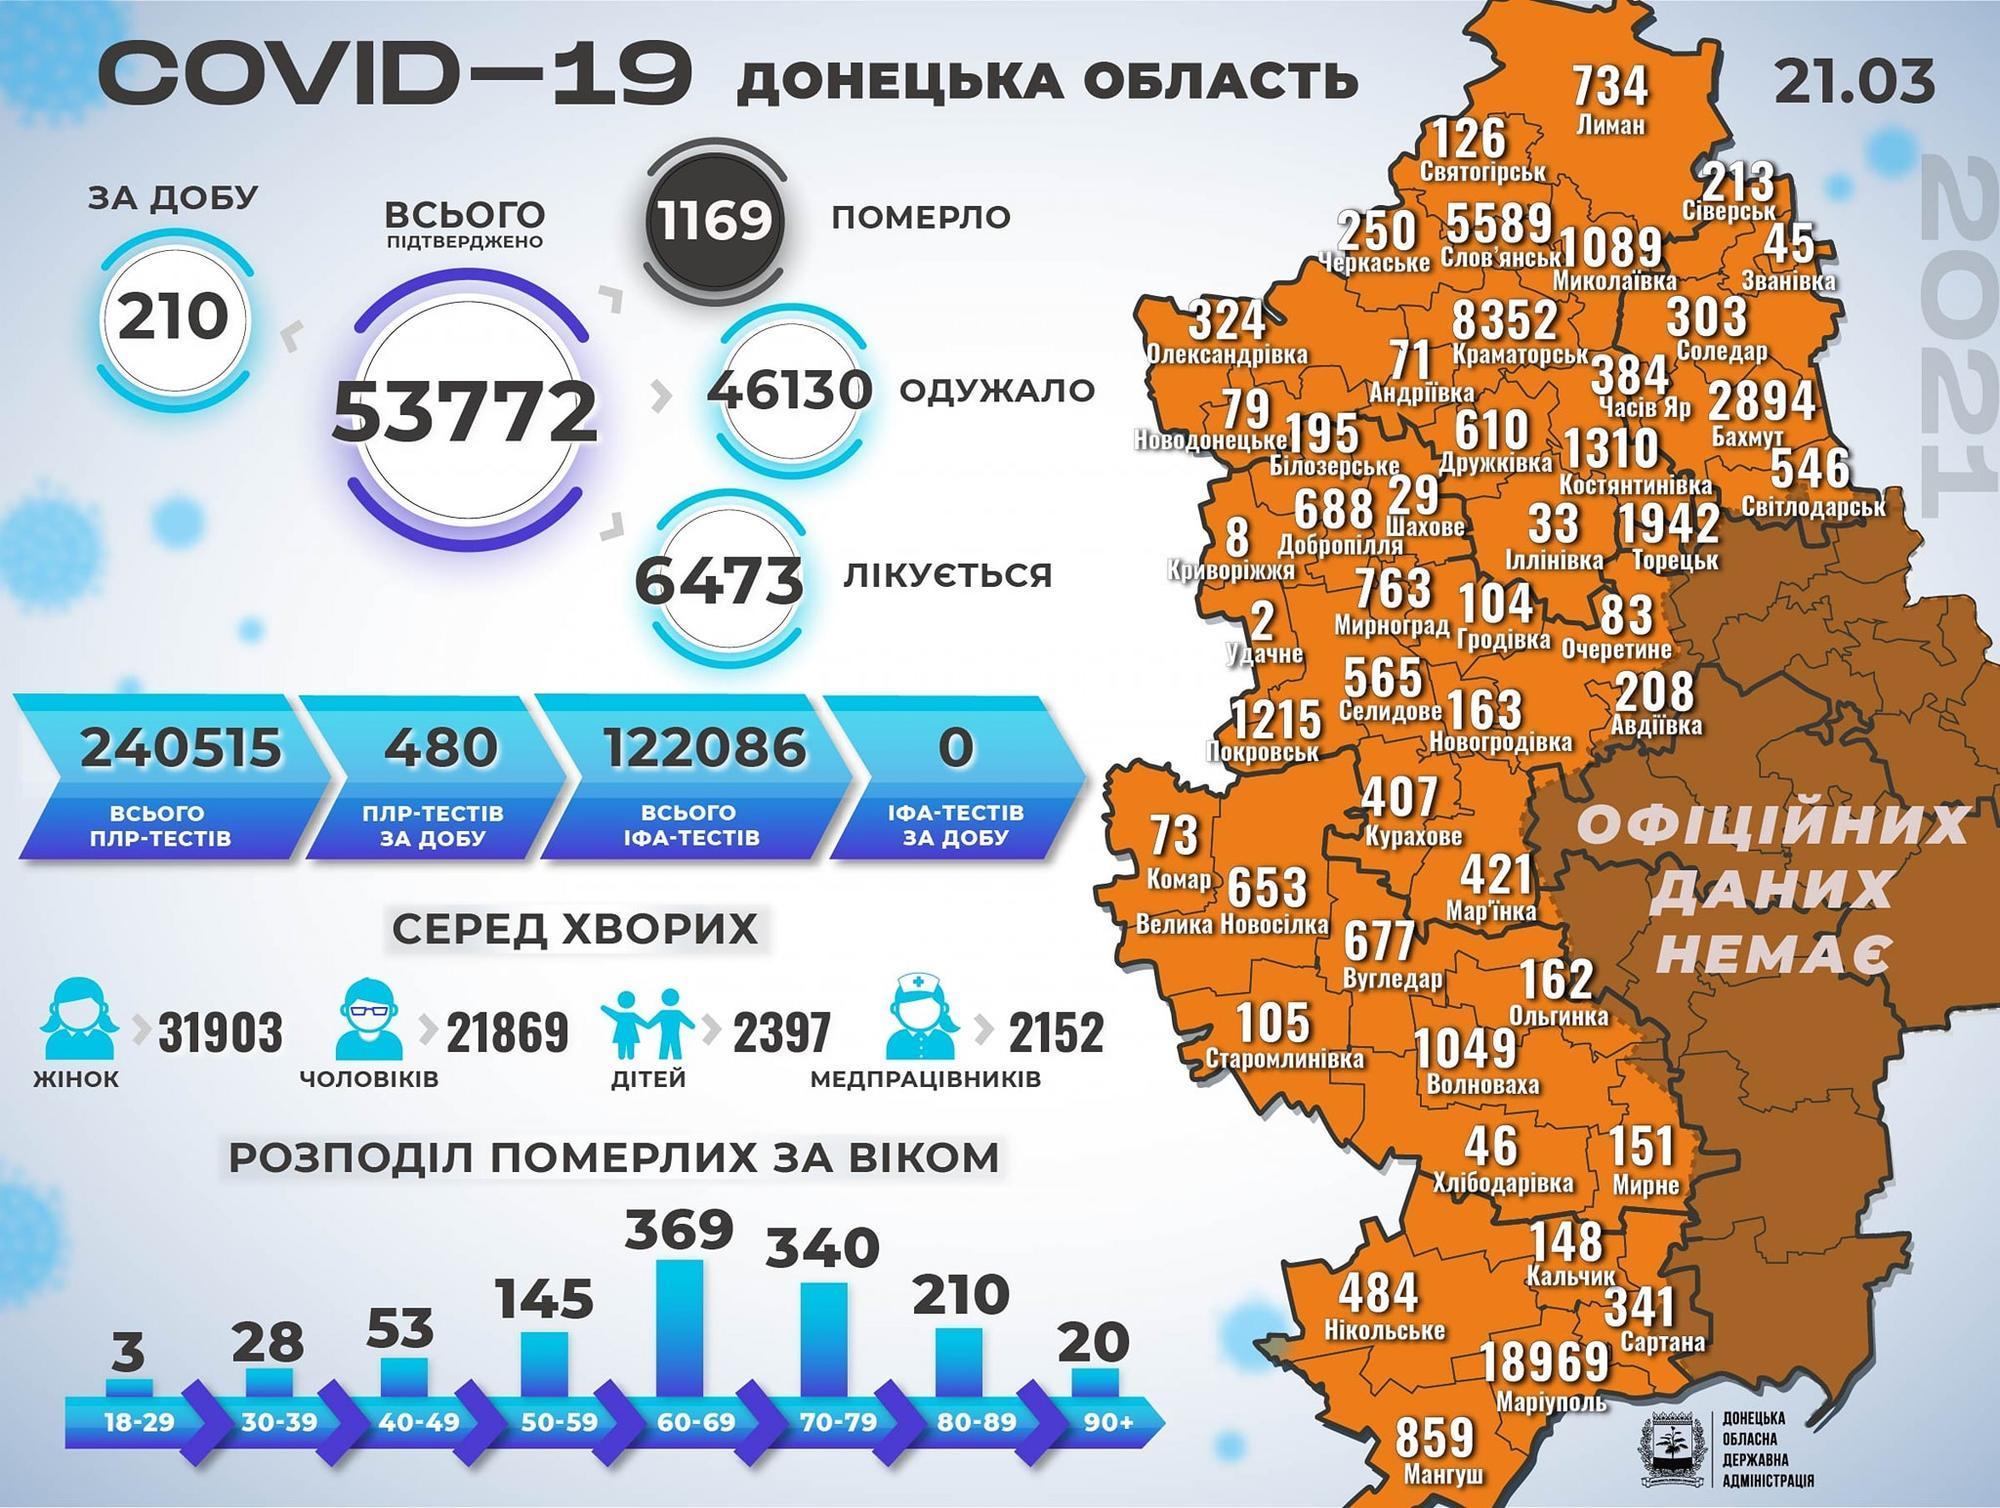 Коронавирус на Донетчине по состоянию на 22 марта